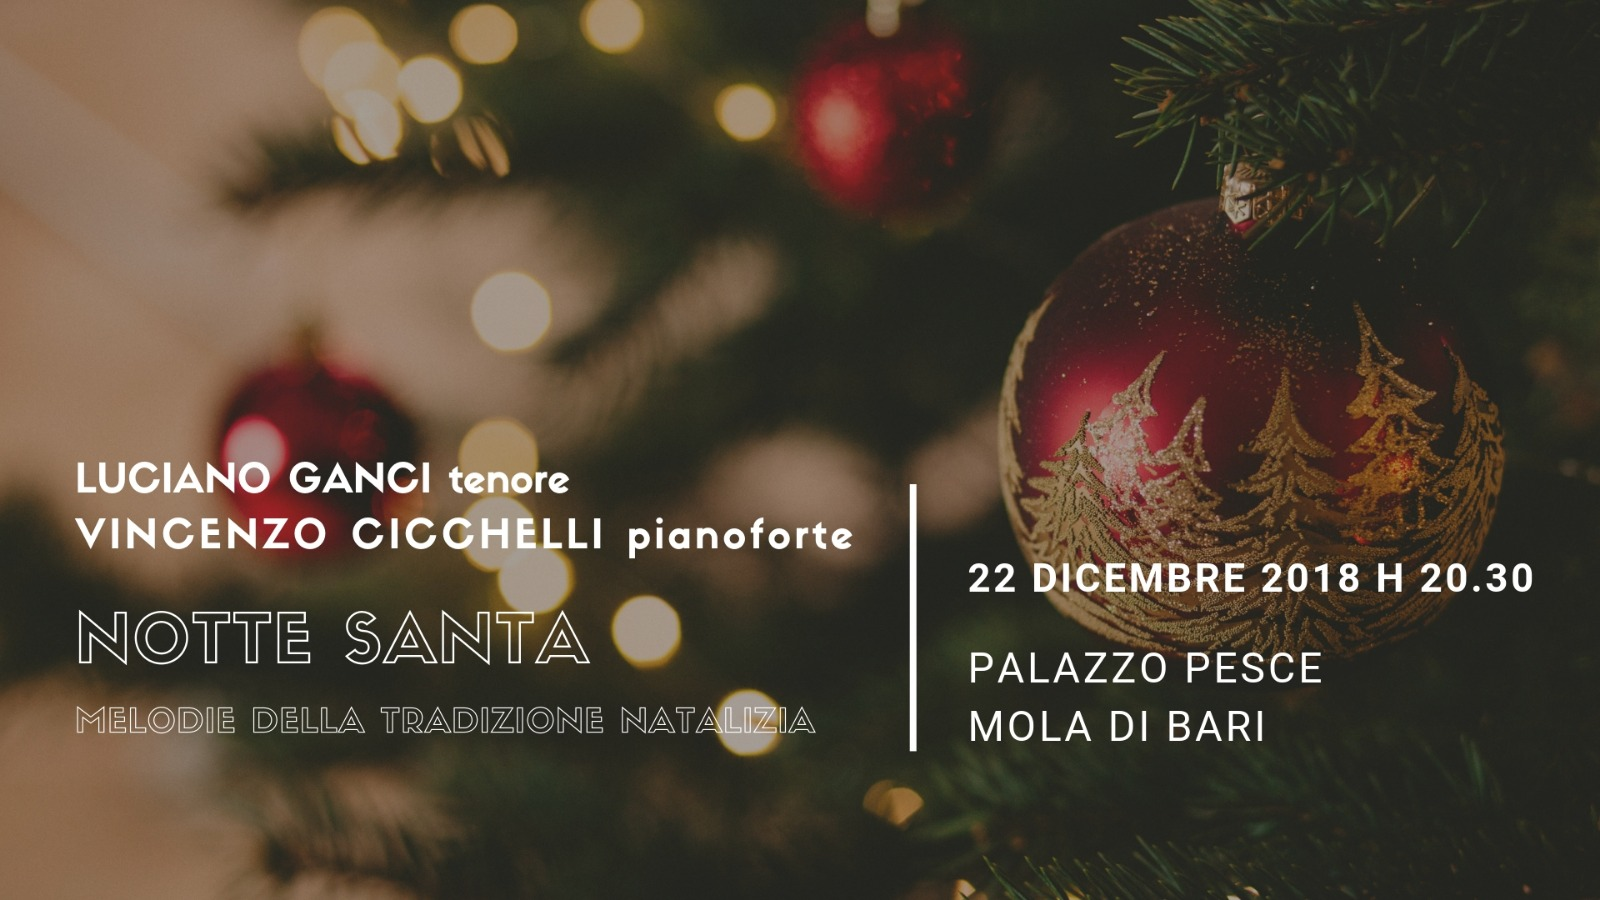 22 dicembre 2018 Notte santa a Palazzo Pesce